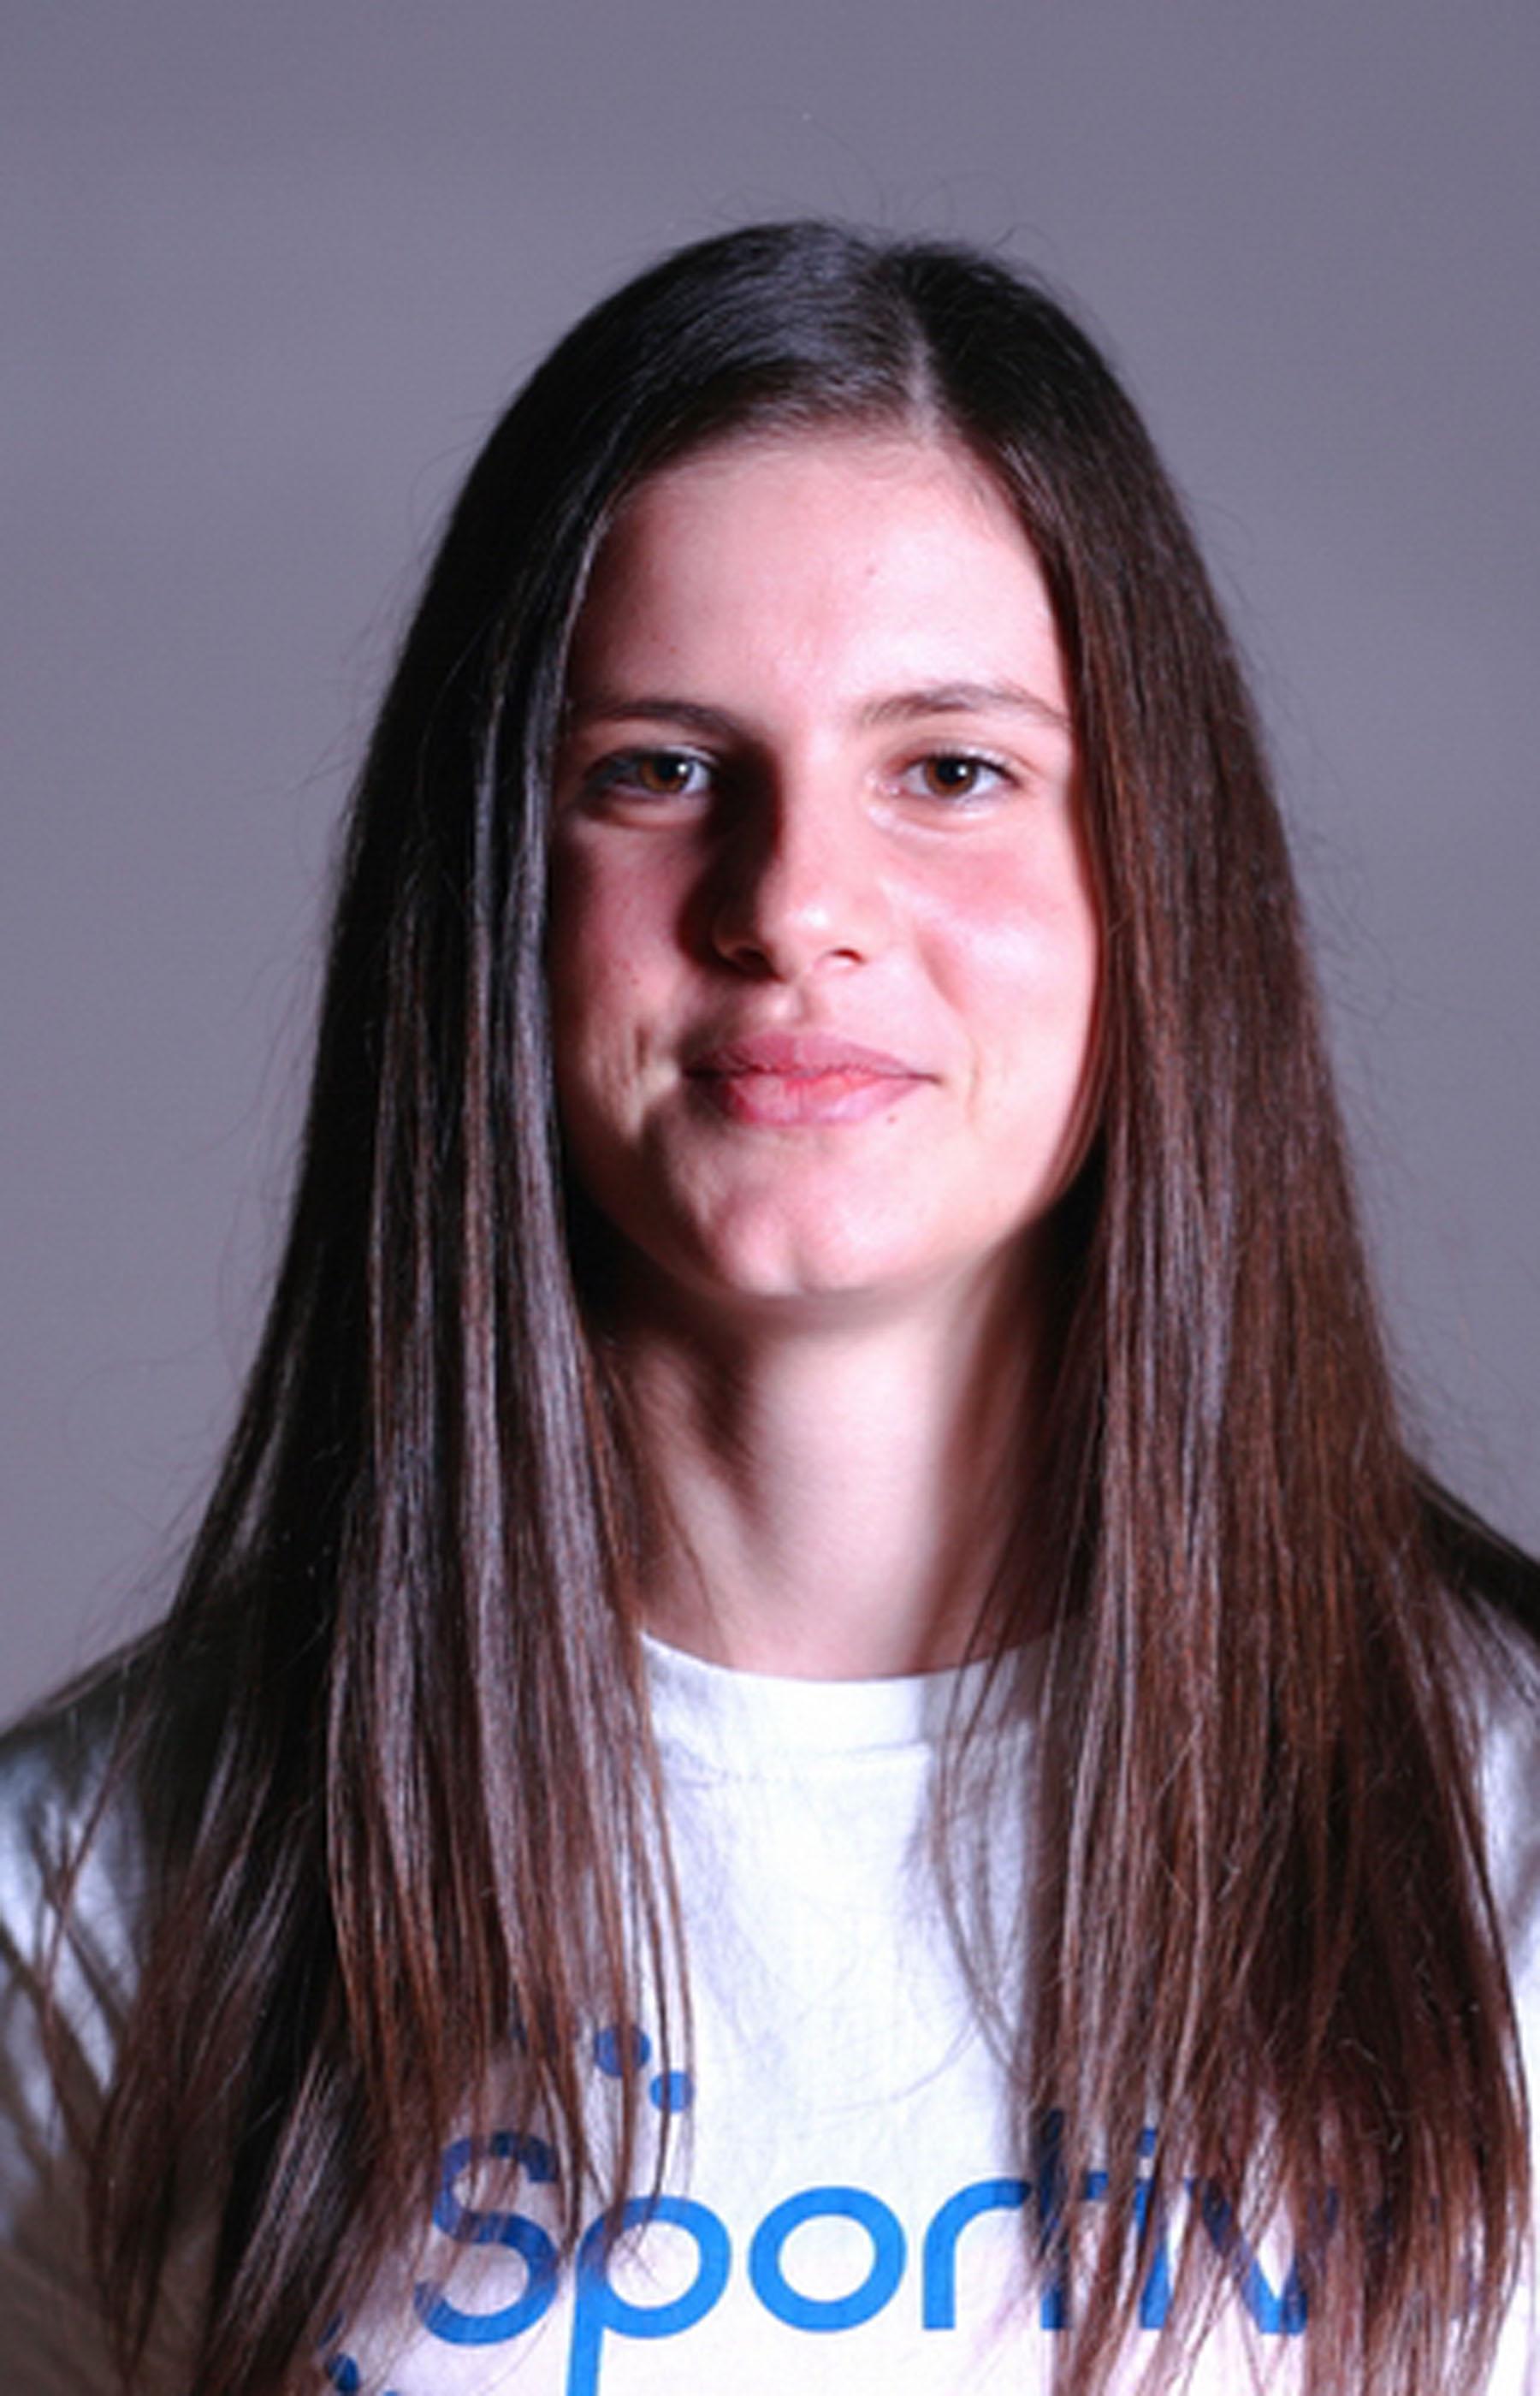 Ana Marija Vovk